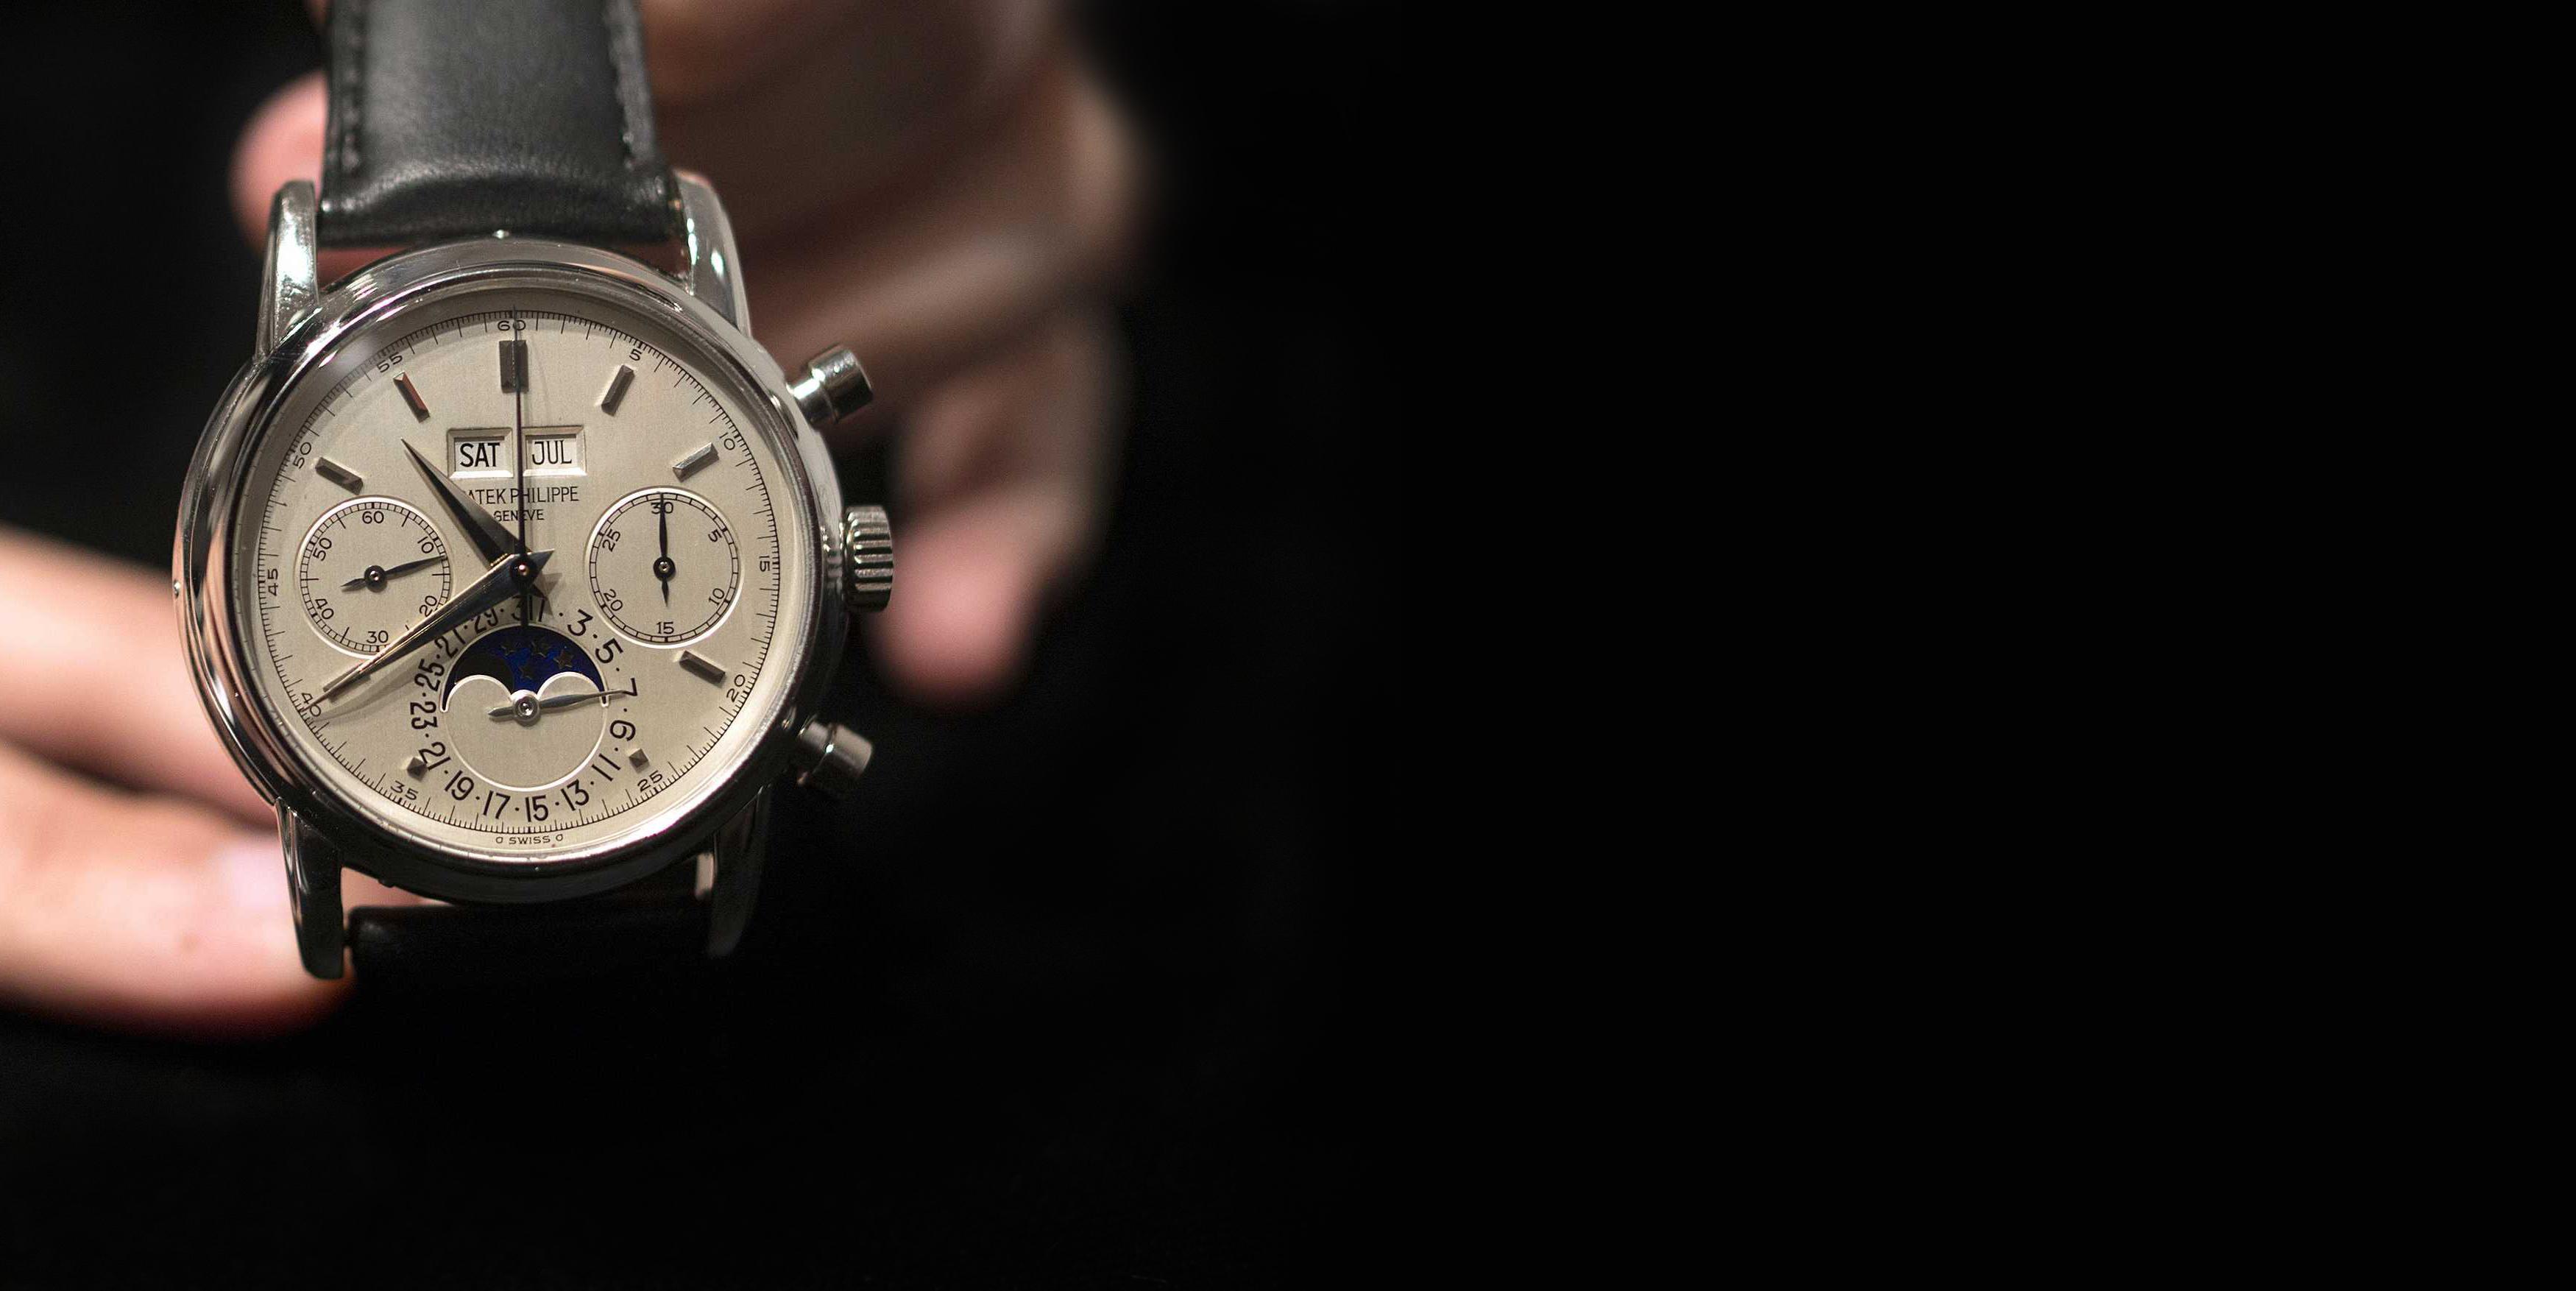 Unde ne putem vinde ceasurile de lux?